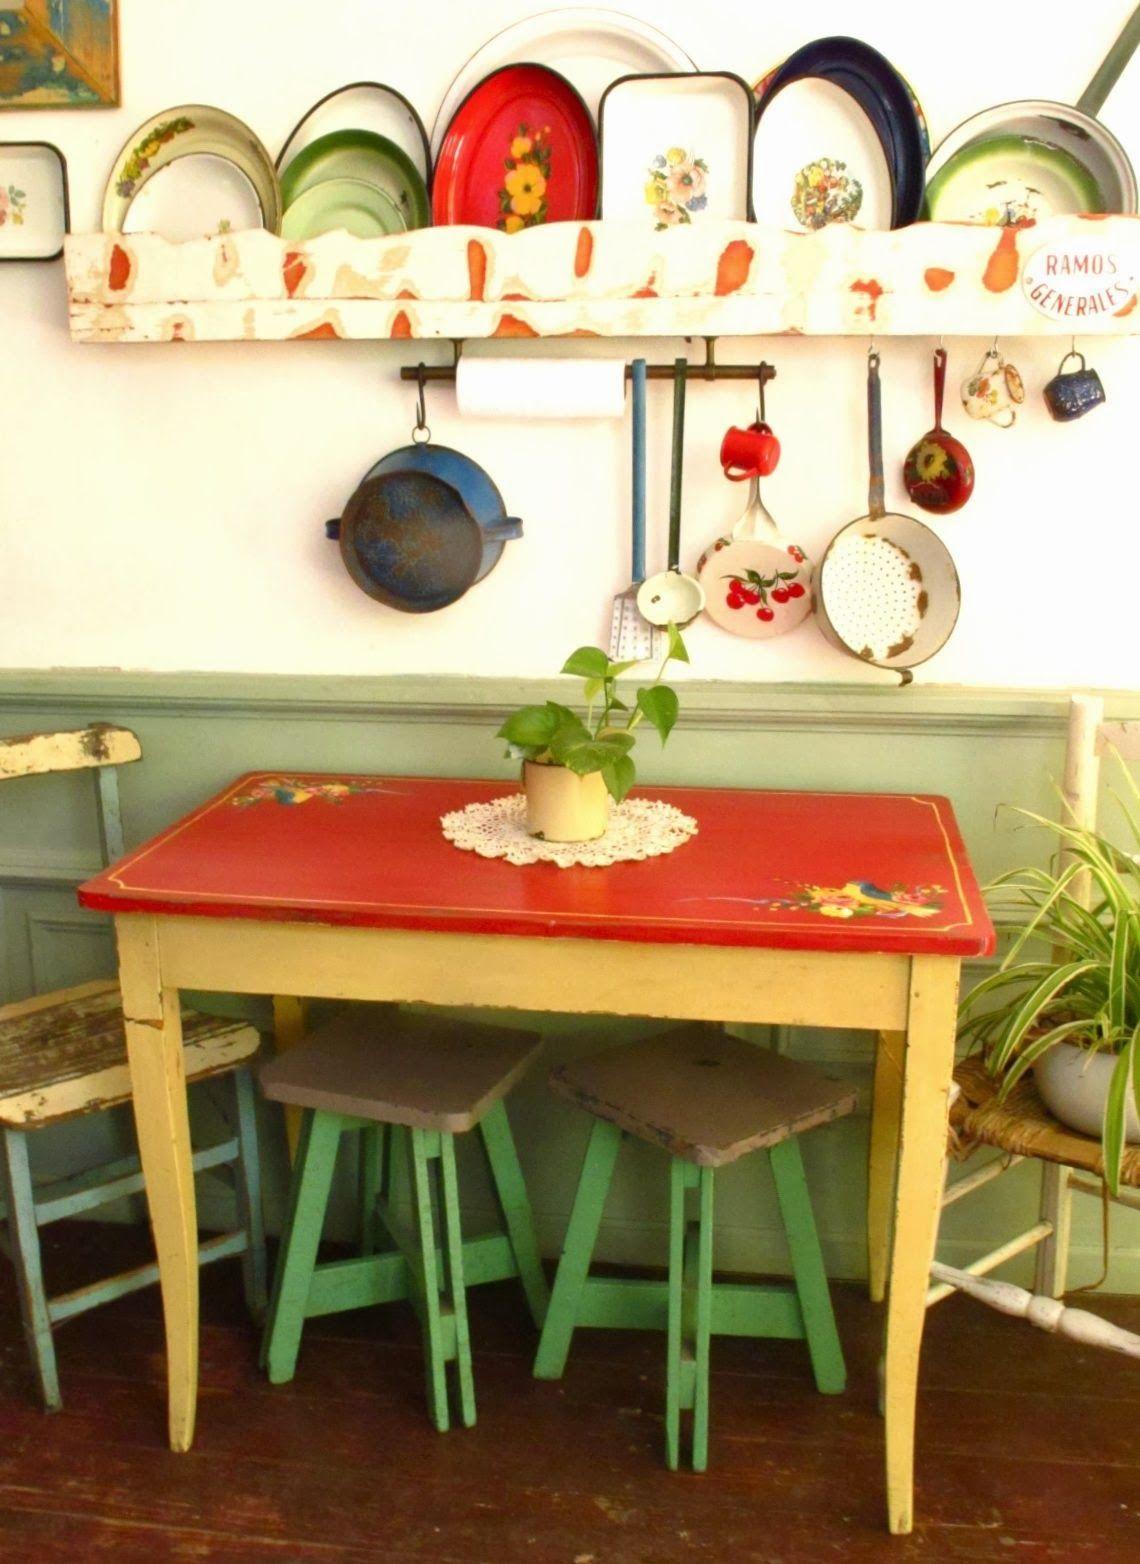 Las Vidalas Cocinas Pinterest Arte En Muebles Muebles  # Oohlala Muebles Y Accesorios Infantiles